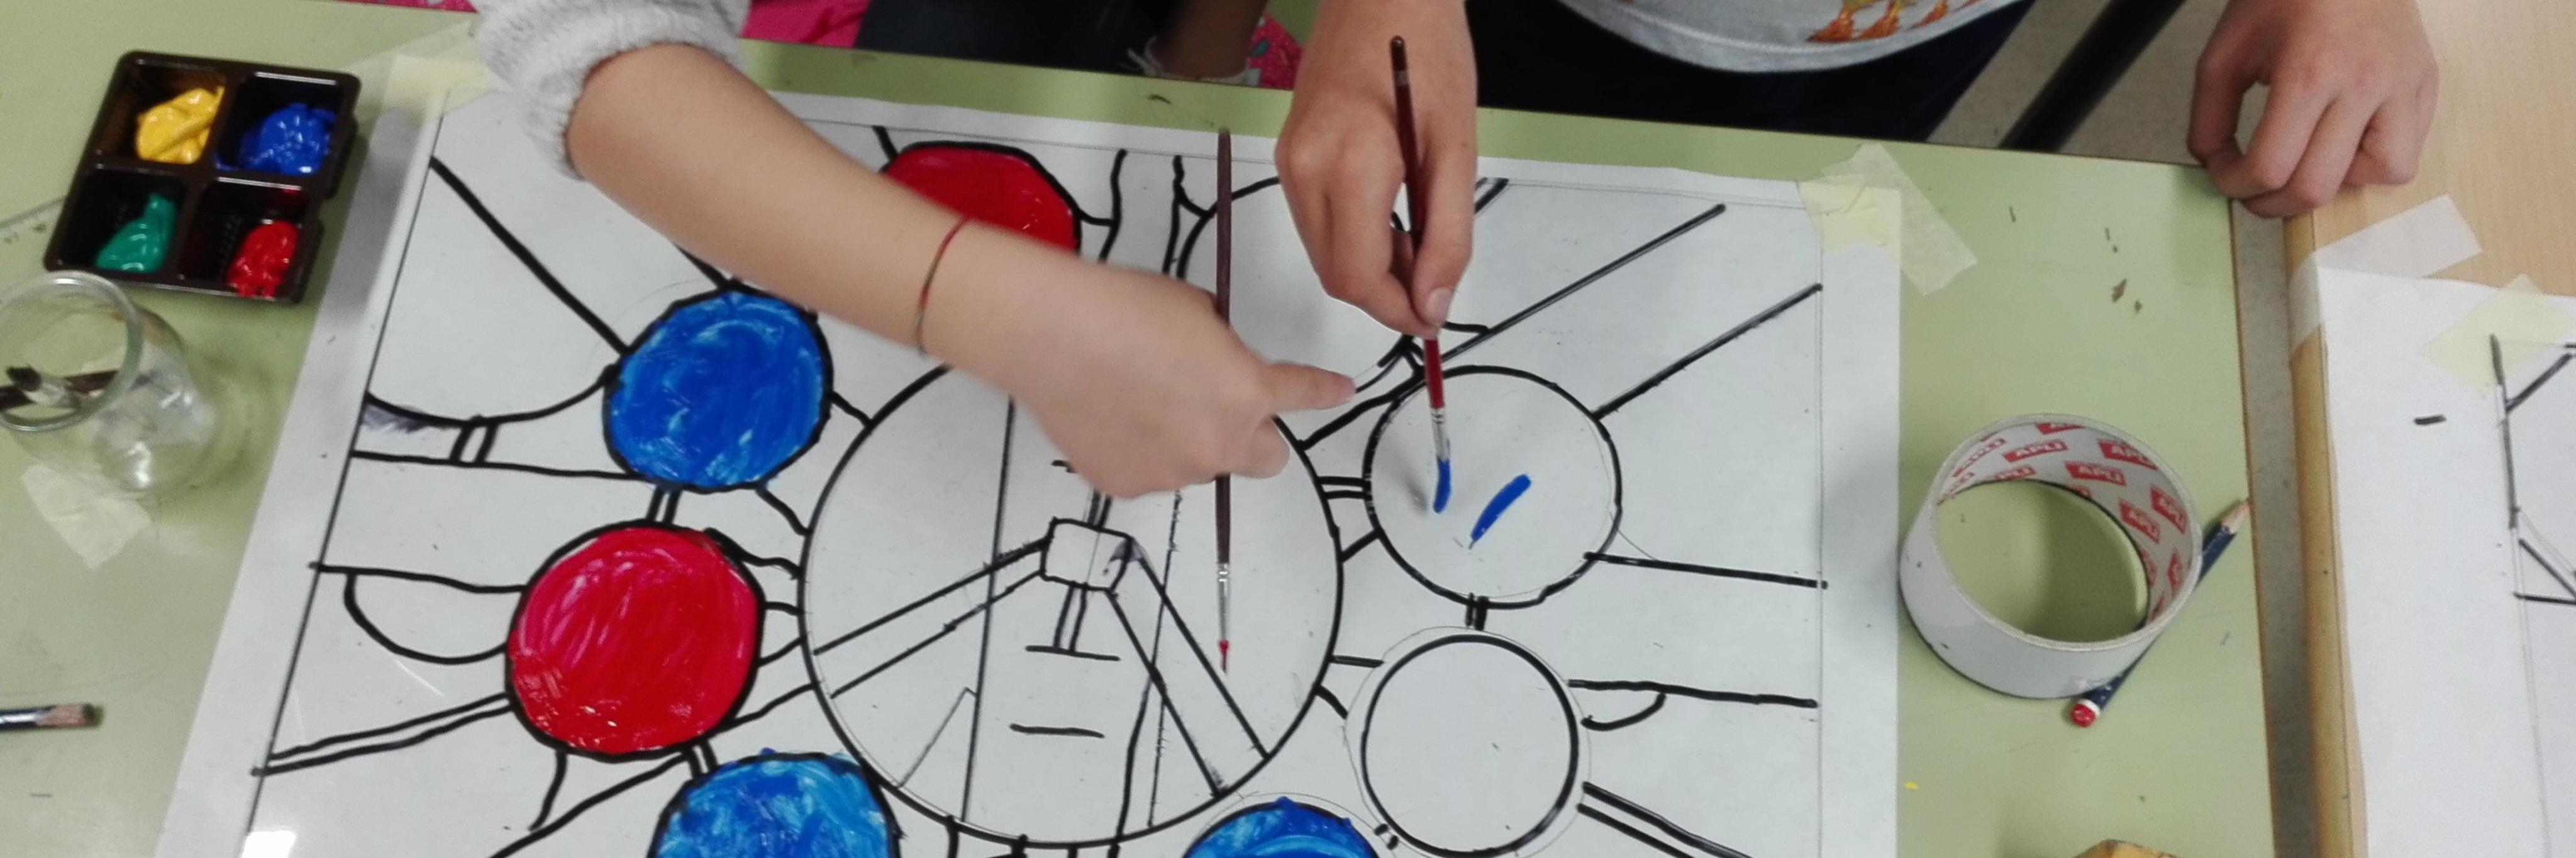 """Taller  """"VIDRIERAS, LA LUZ Y EL COLOR DE LAS CATEDRALES"""" para 2º de Educación Primaria"""